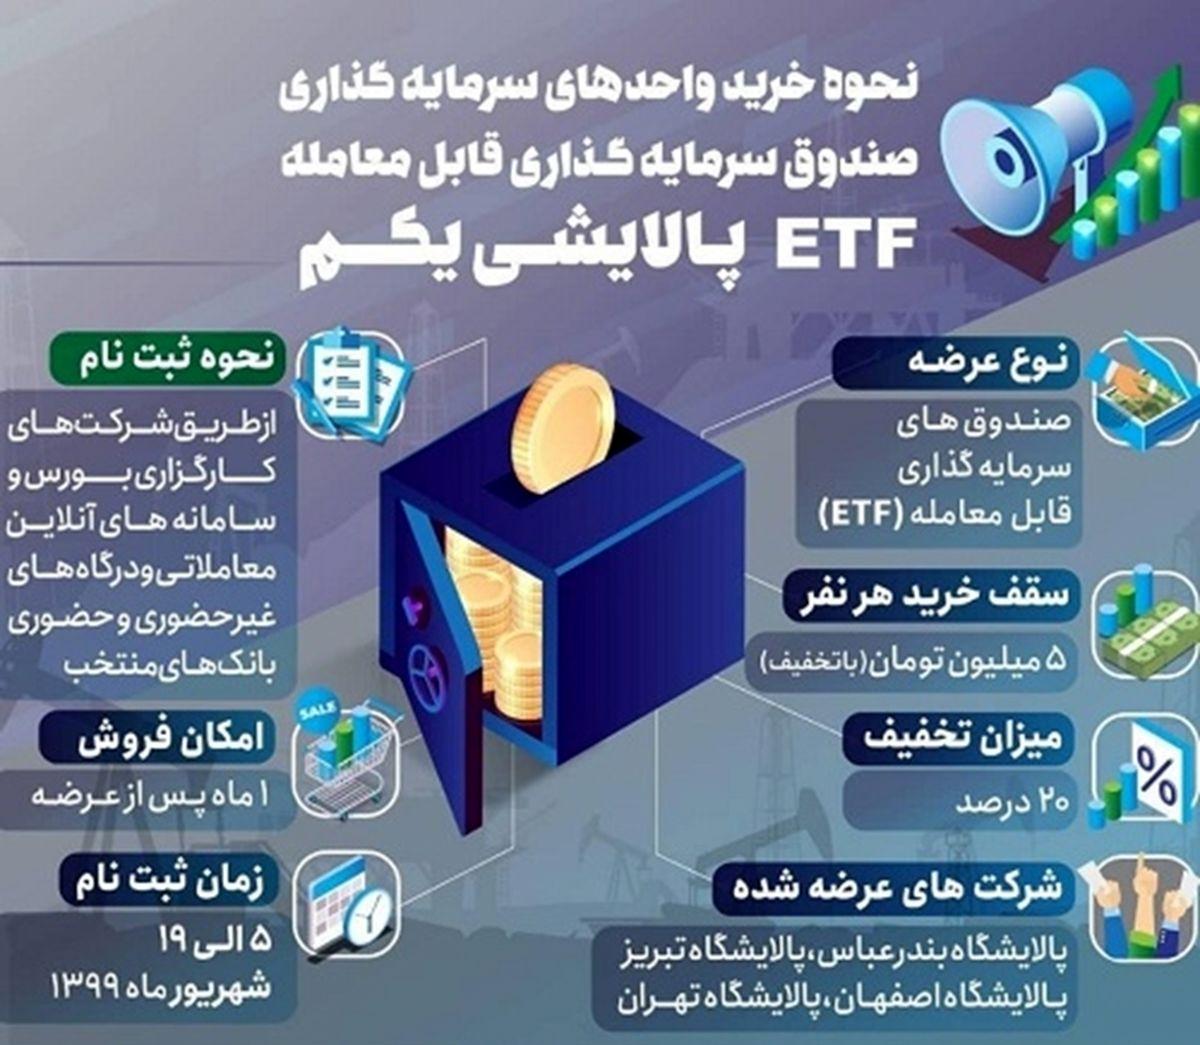 پذیرهنویسی ETFپالایشی از طریق درگاههای غیرحضوری و حضوری بانک سپه